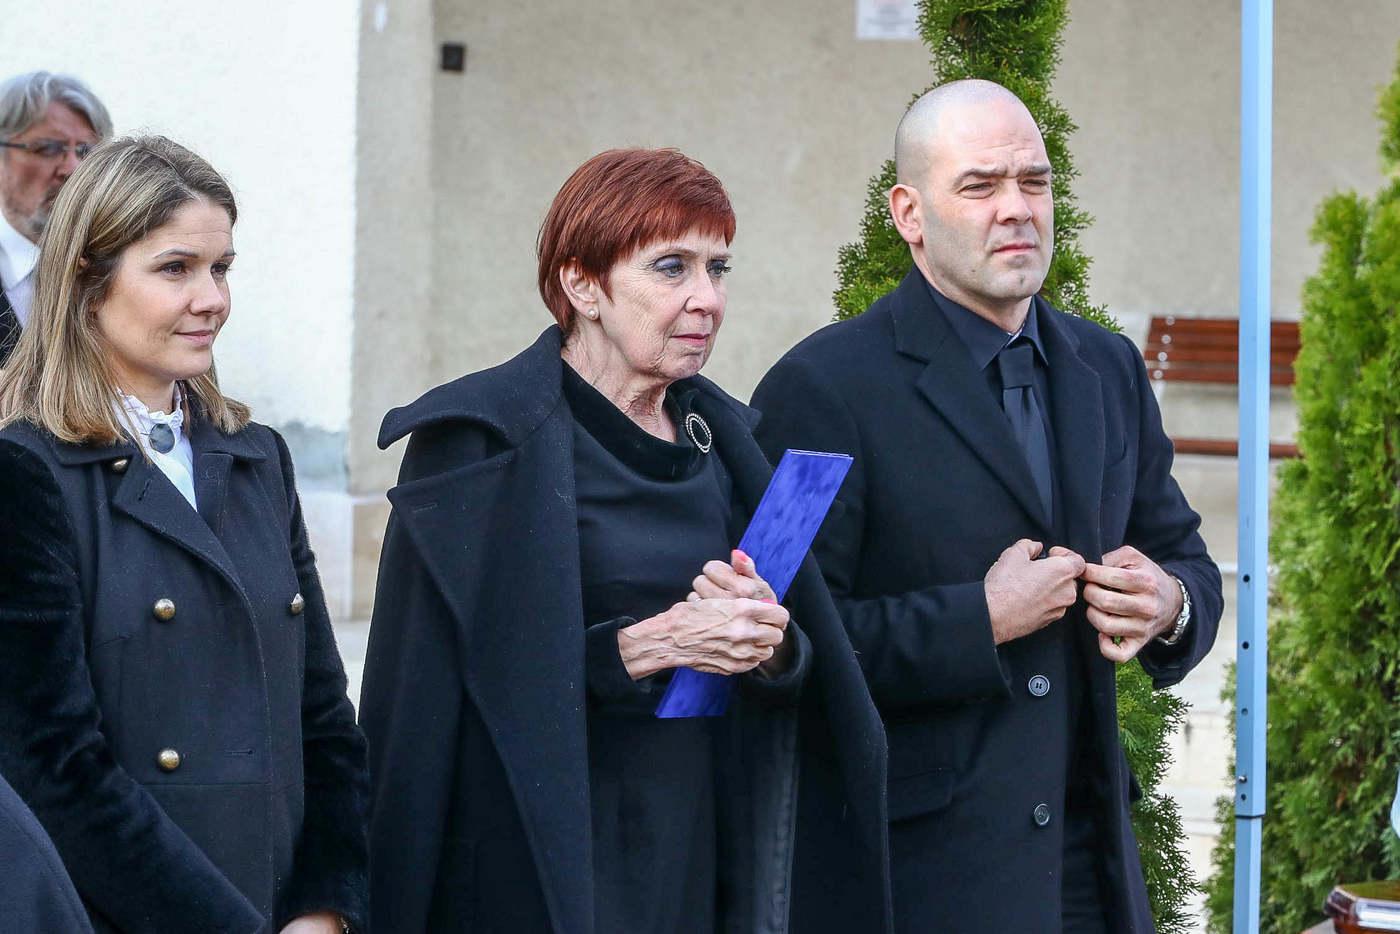 Székely Éva lánya, Gyarmati Andrea Európa-bajnok úszó és unokája, Hesz Máté vízilabdázó.